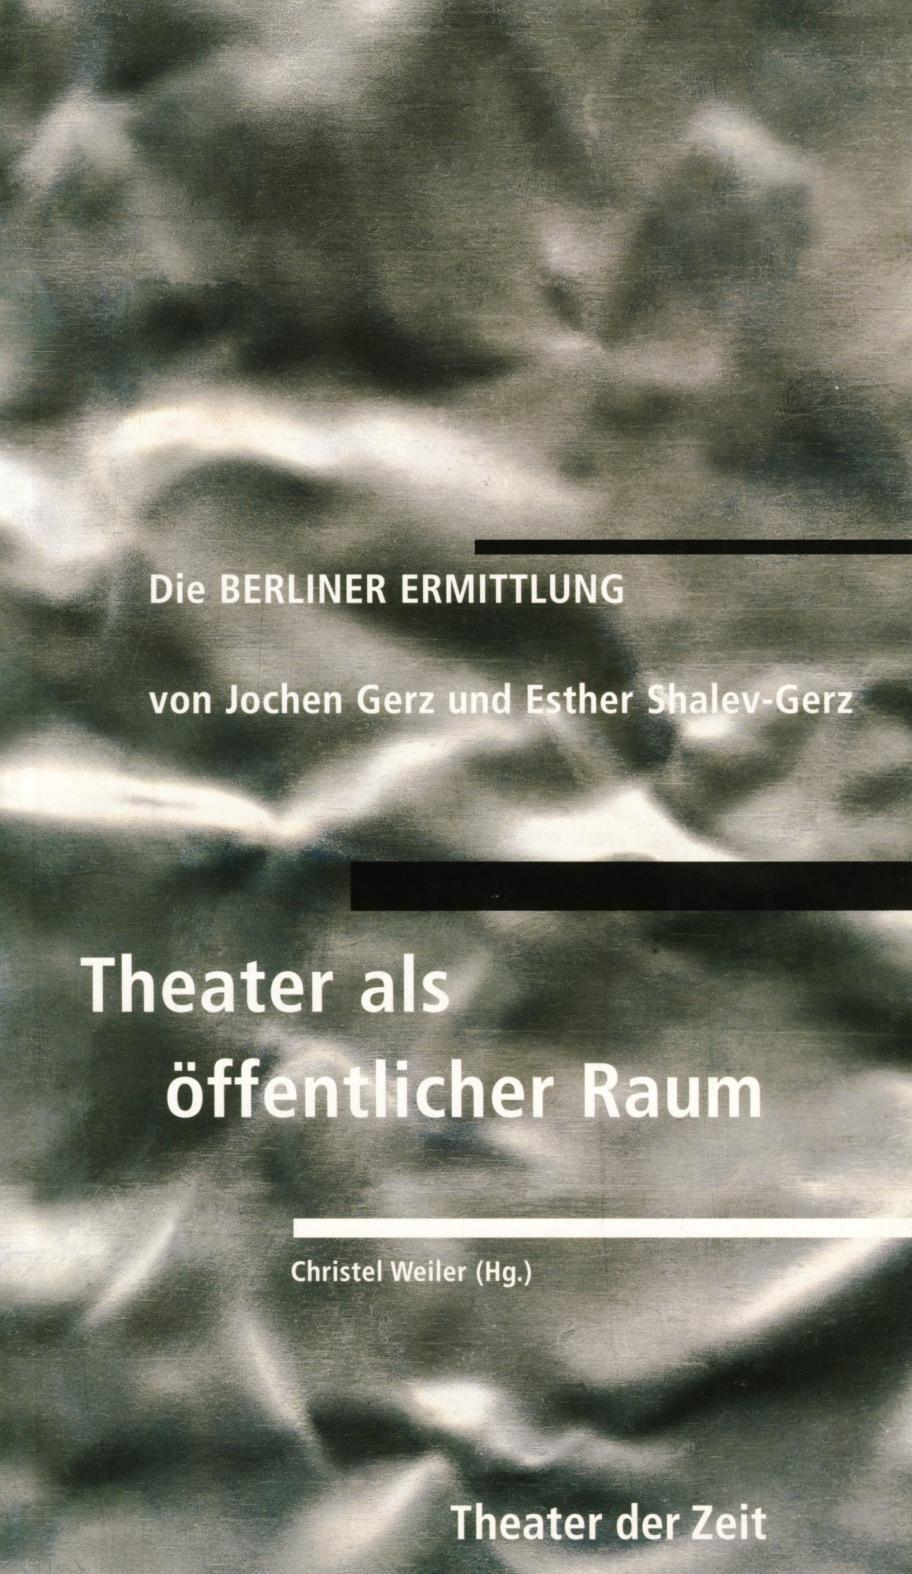 Die Berliner Ermittlung von Jochen Gerz und Esther Shalev-Gerz